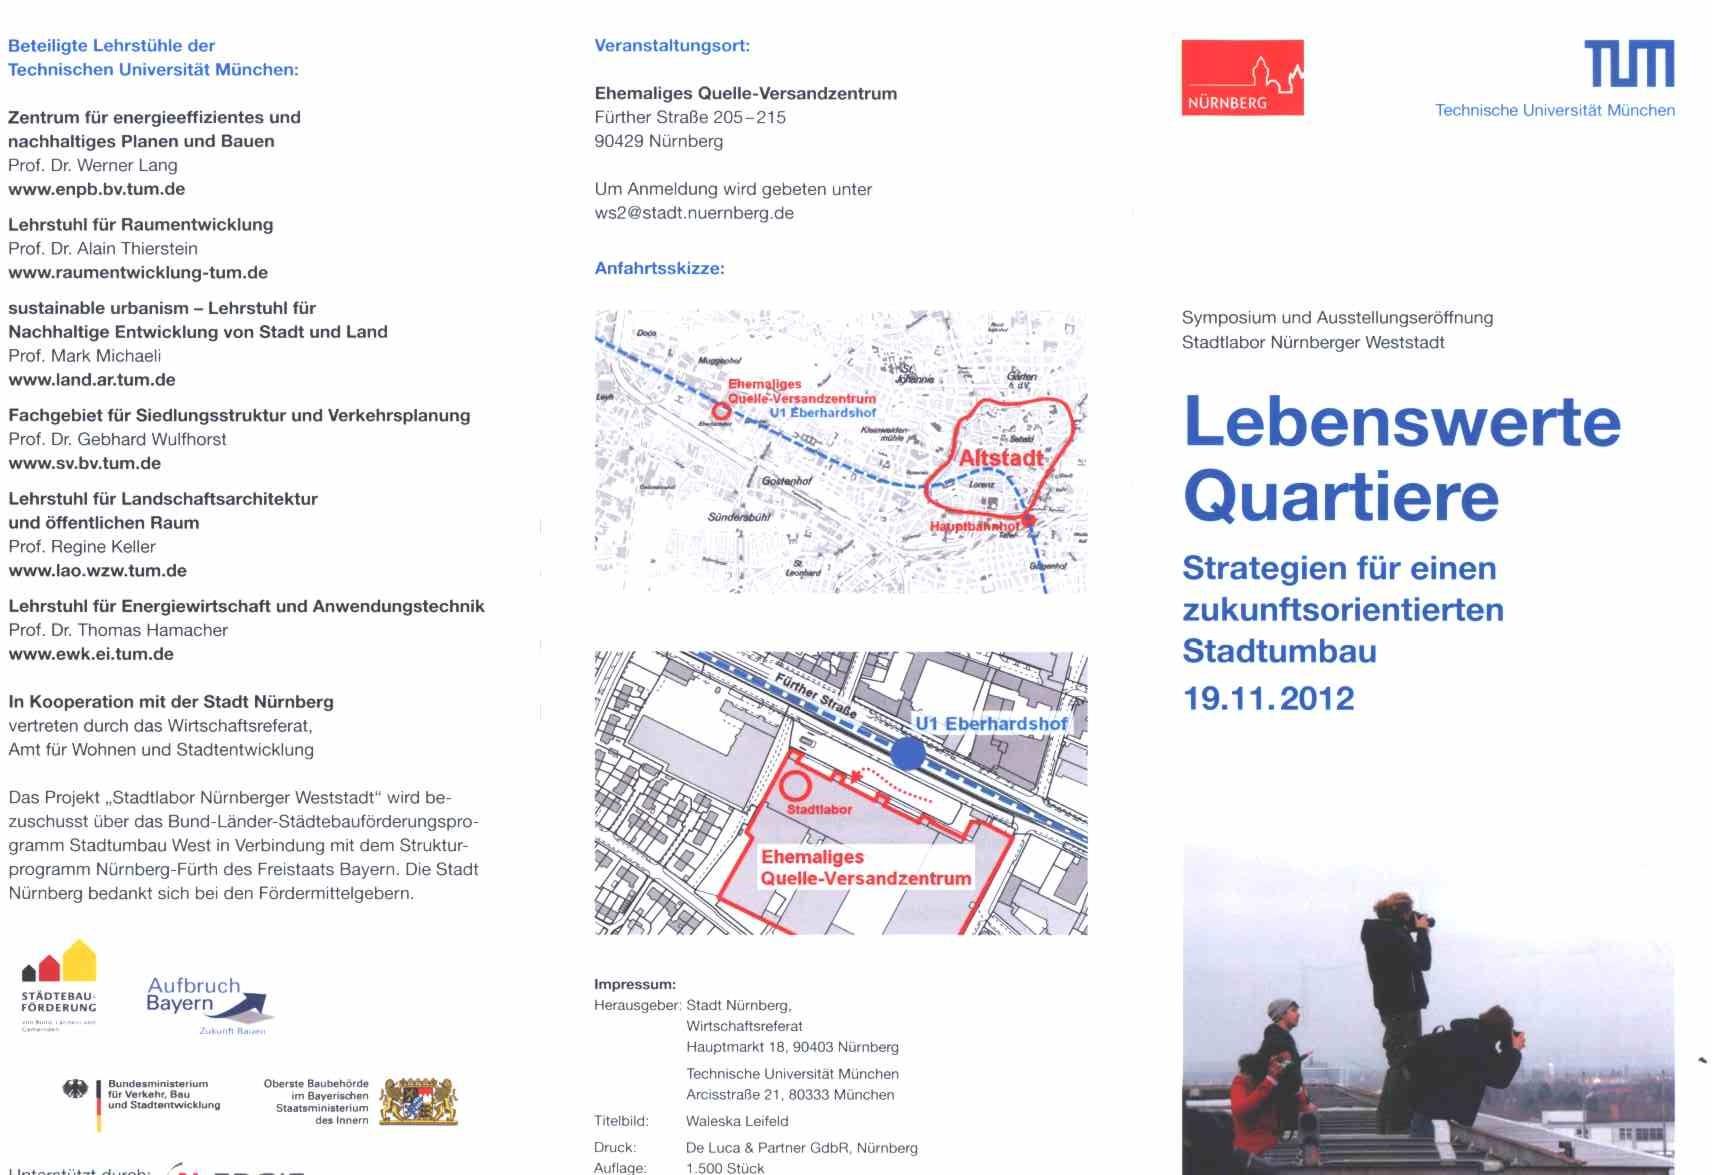 Einladung zum Symposium - Aussenseite